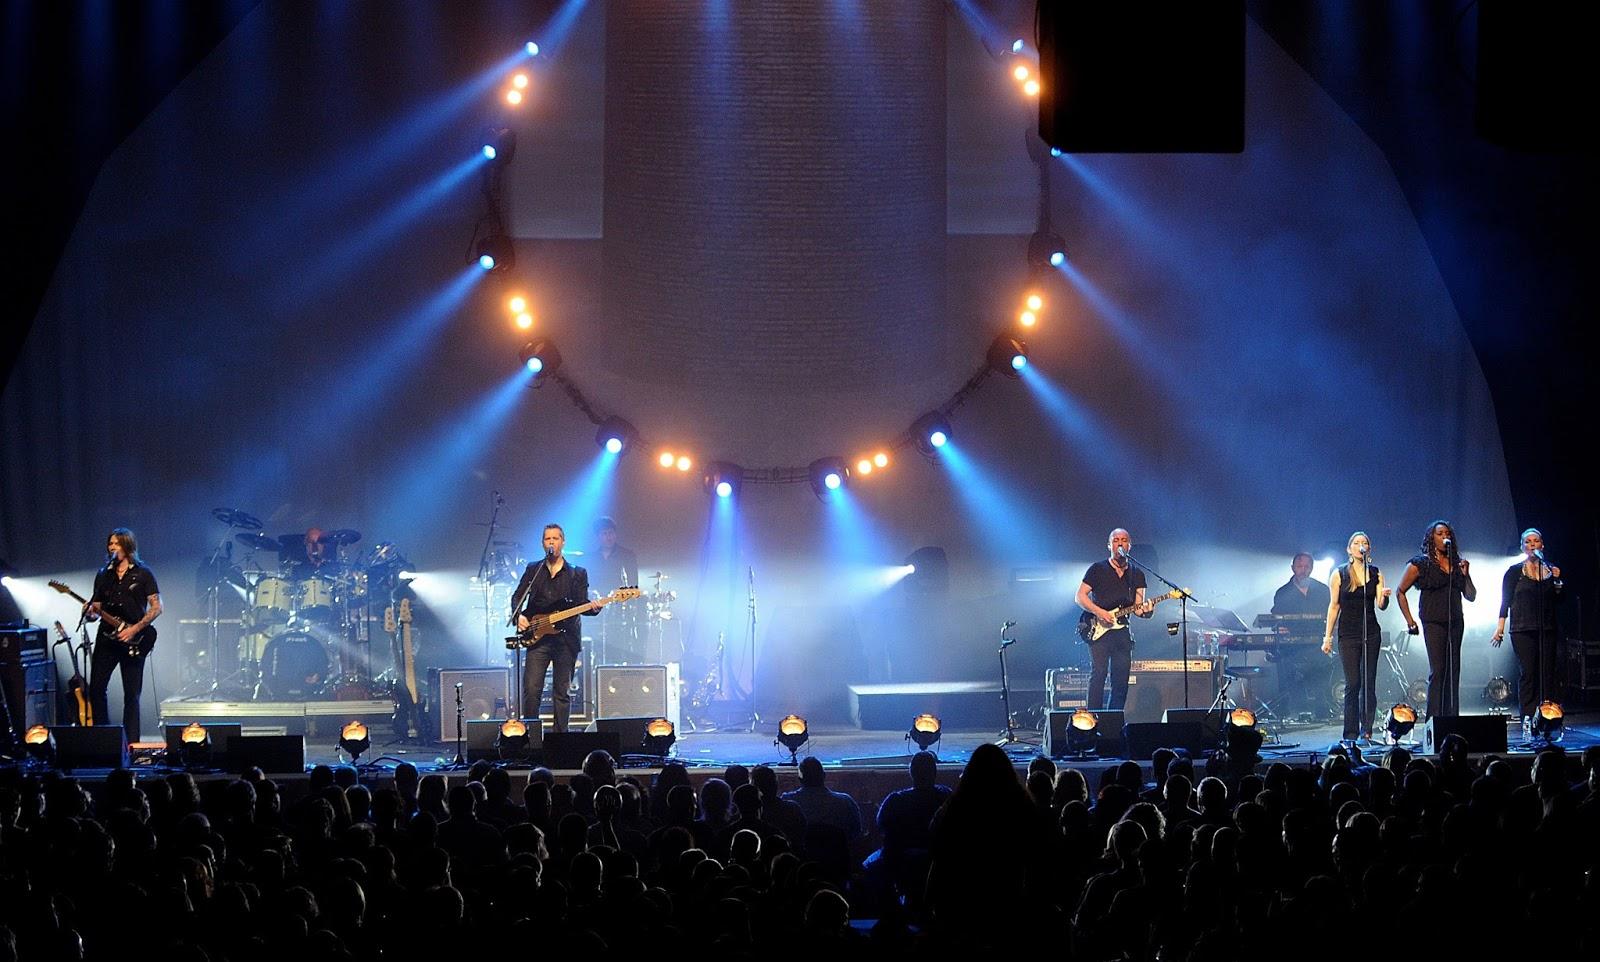 За все время своего существования группа выпустила 15 альбомов, продала более млн записей, вошла в список 10 лучших групп всех времен и даже получила премию грэмми.